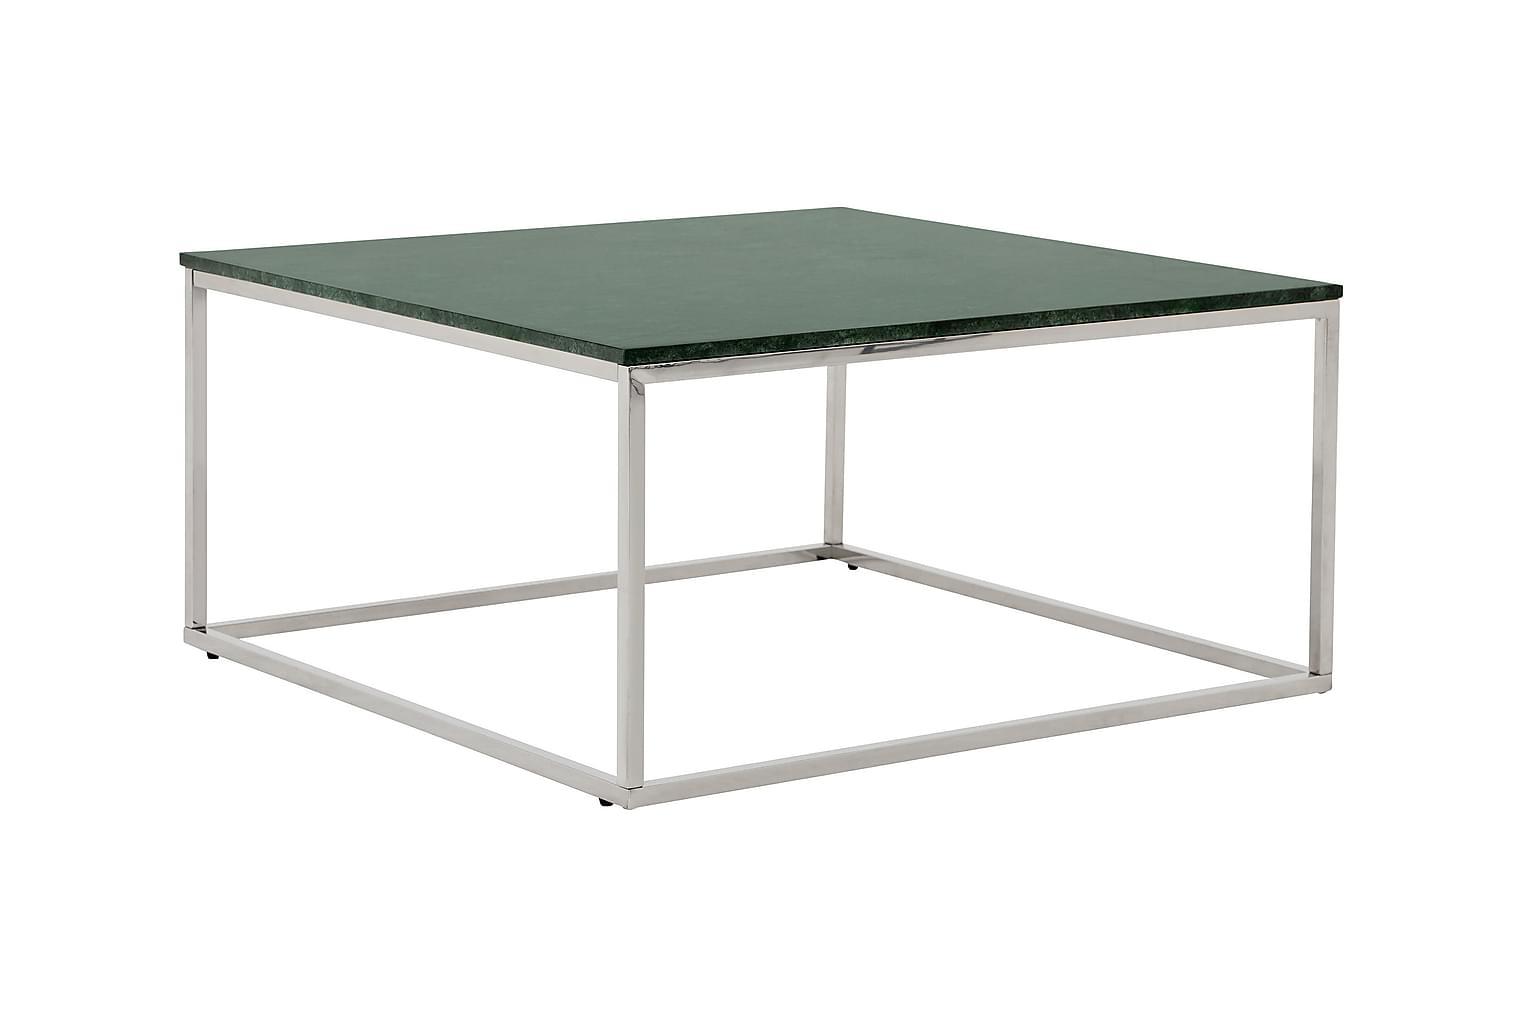 CARRIE Soffbord 90 Stål/Grön